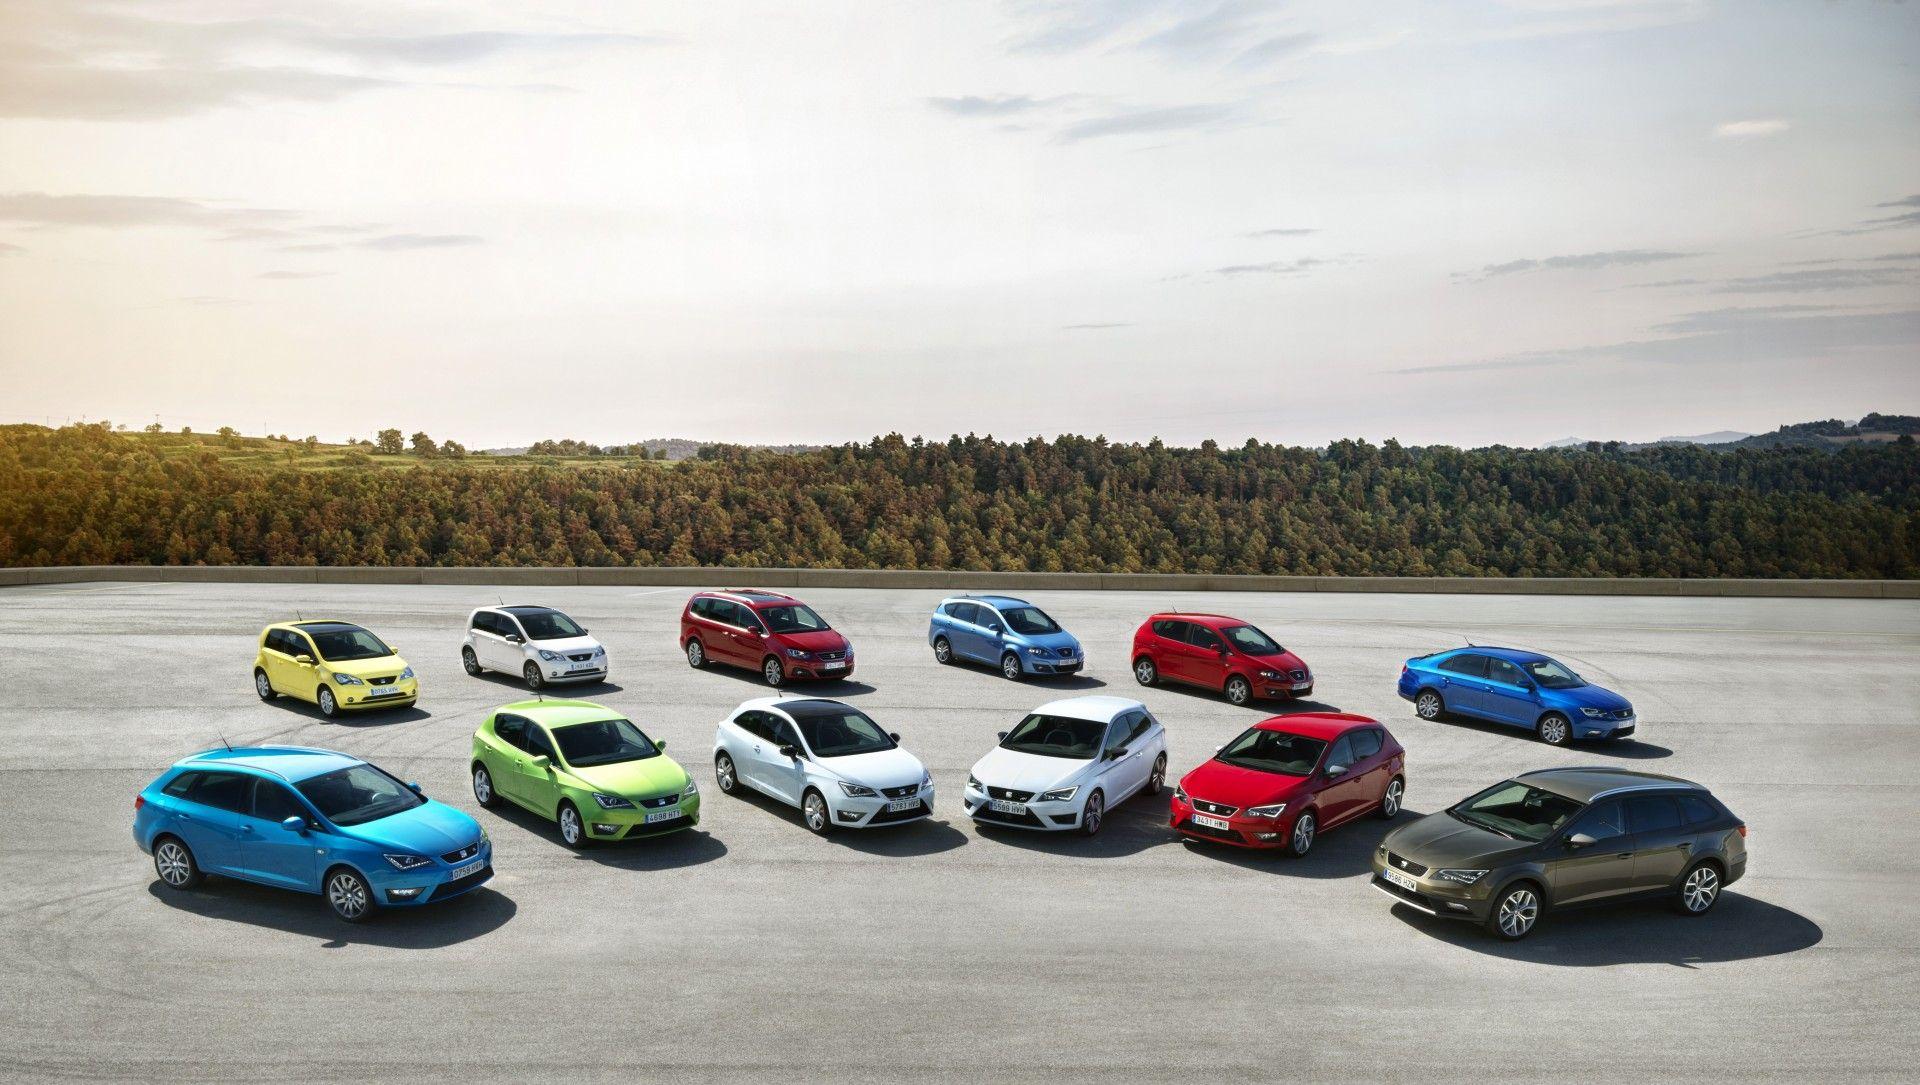 Descubre 6 modelos SEAT nombrados en honor a regiones de España